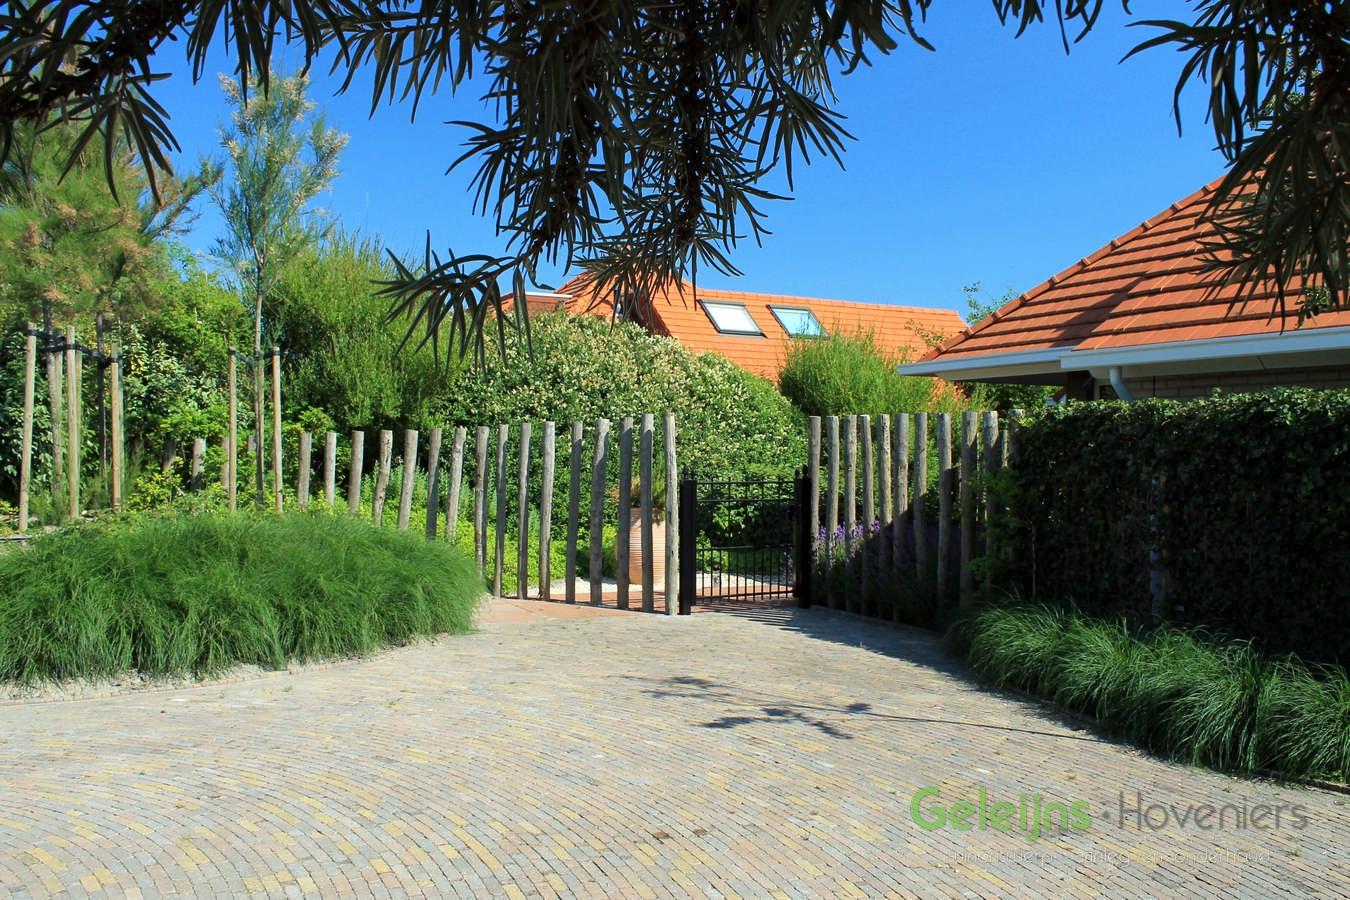 Onderhoudsvriendelijke Tuin Aanleggen : Onderhoudsvriendelijke tuin bij vakantiewoning geleijns hoveniers